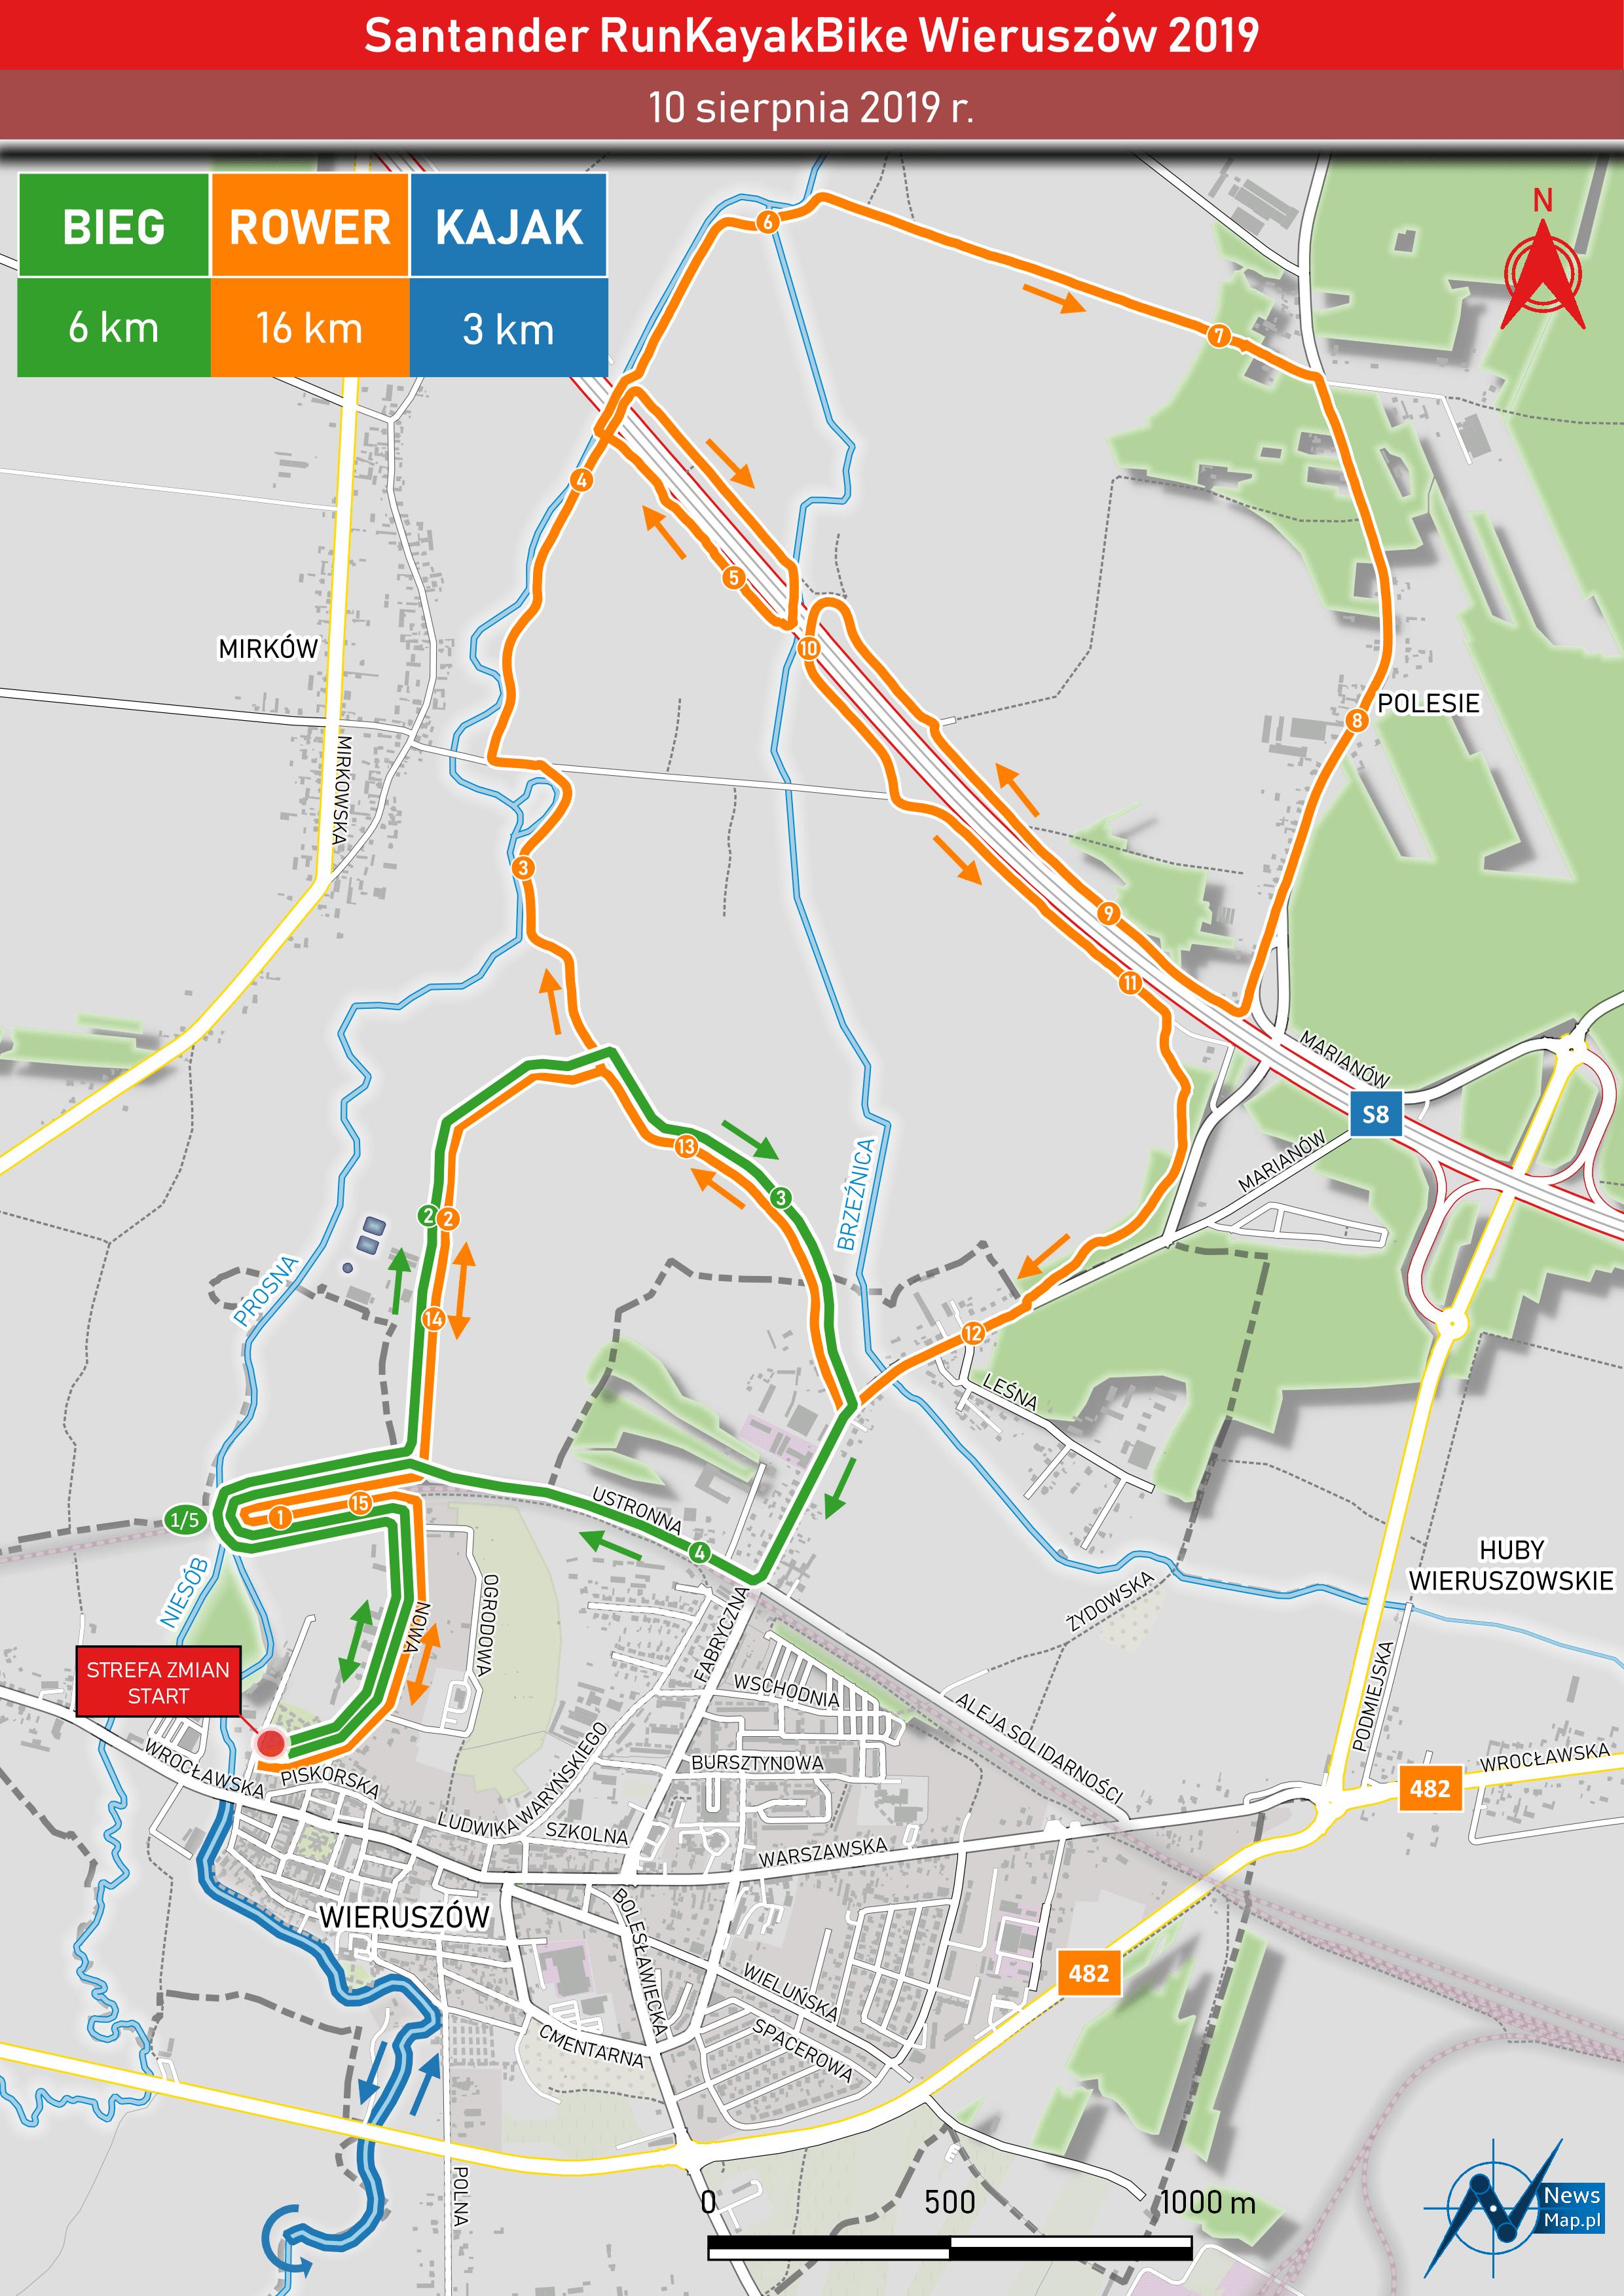 Santander RunKayakBike Wieruszów 2019 - mapa statyczna (on-line)